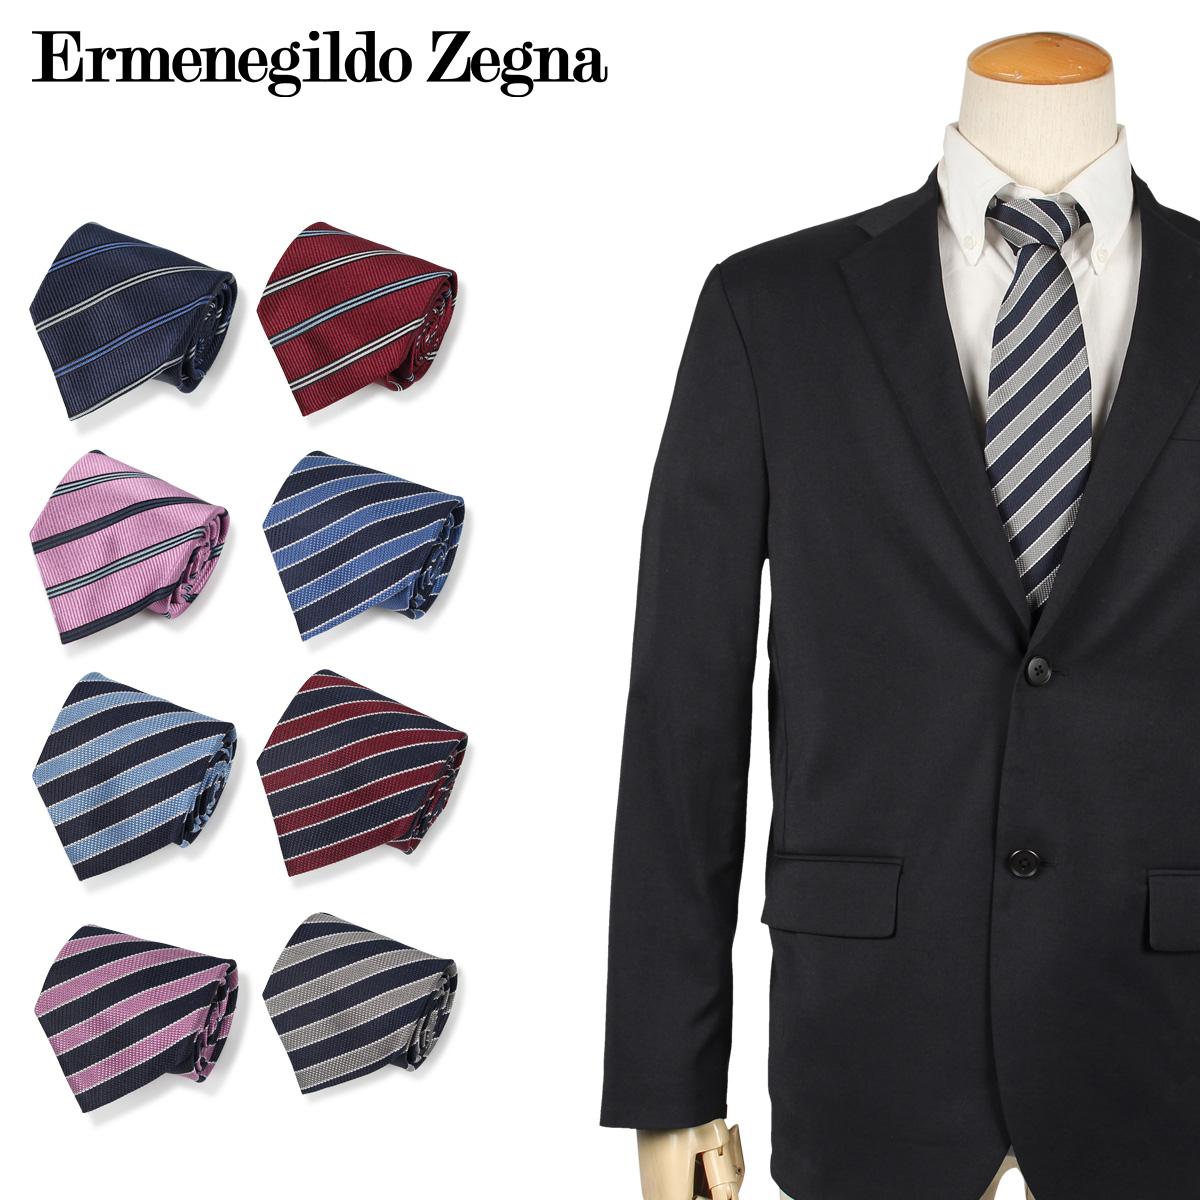 Ermenegildo Zegna エルメネジルドゼニア ネクタイ メンズ ストライプ イタリア製 シルク ビジネス 結婚式 グレー ネイビー ワインレッド ピンク [10/11 新入荷]